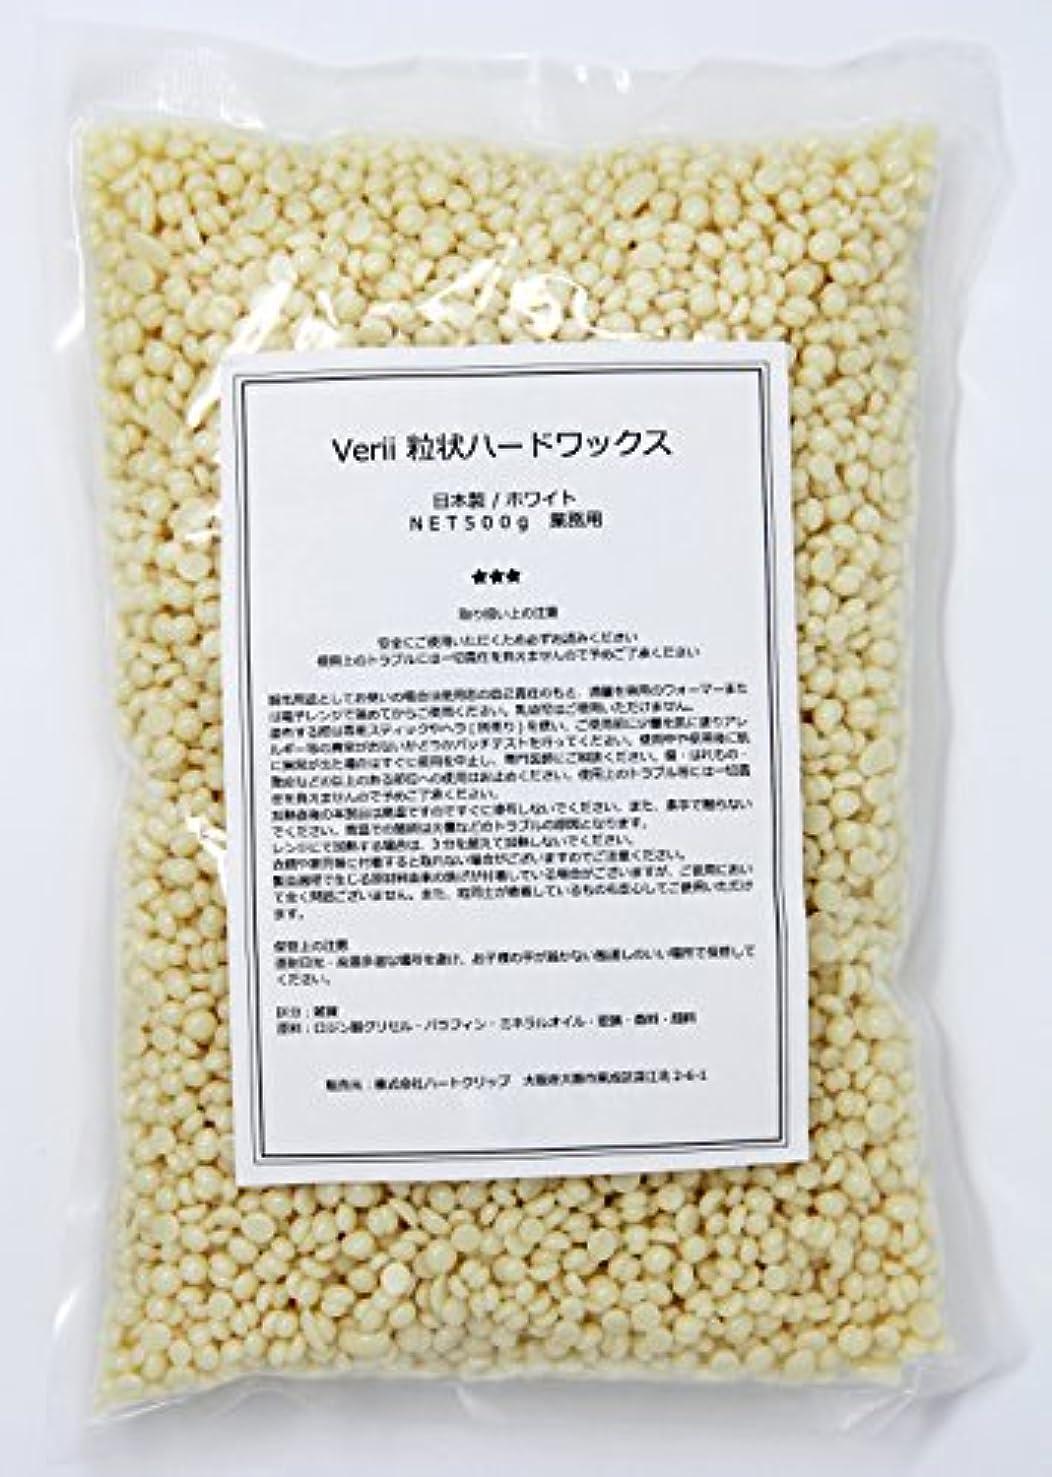 煩わしい巨大交響曲Verii 【鼻毛ワックス】粒状ハードワックス ホワイト (100g)